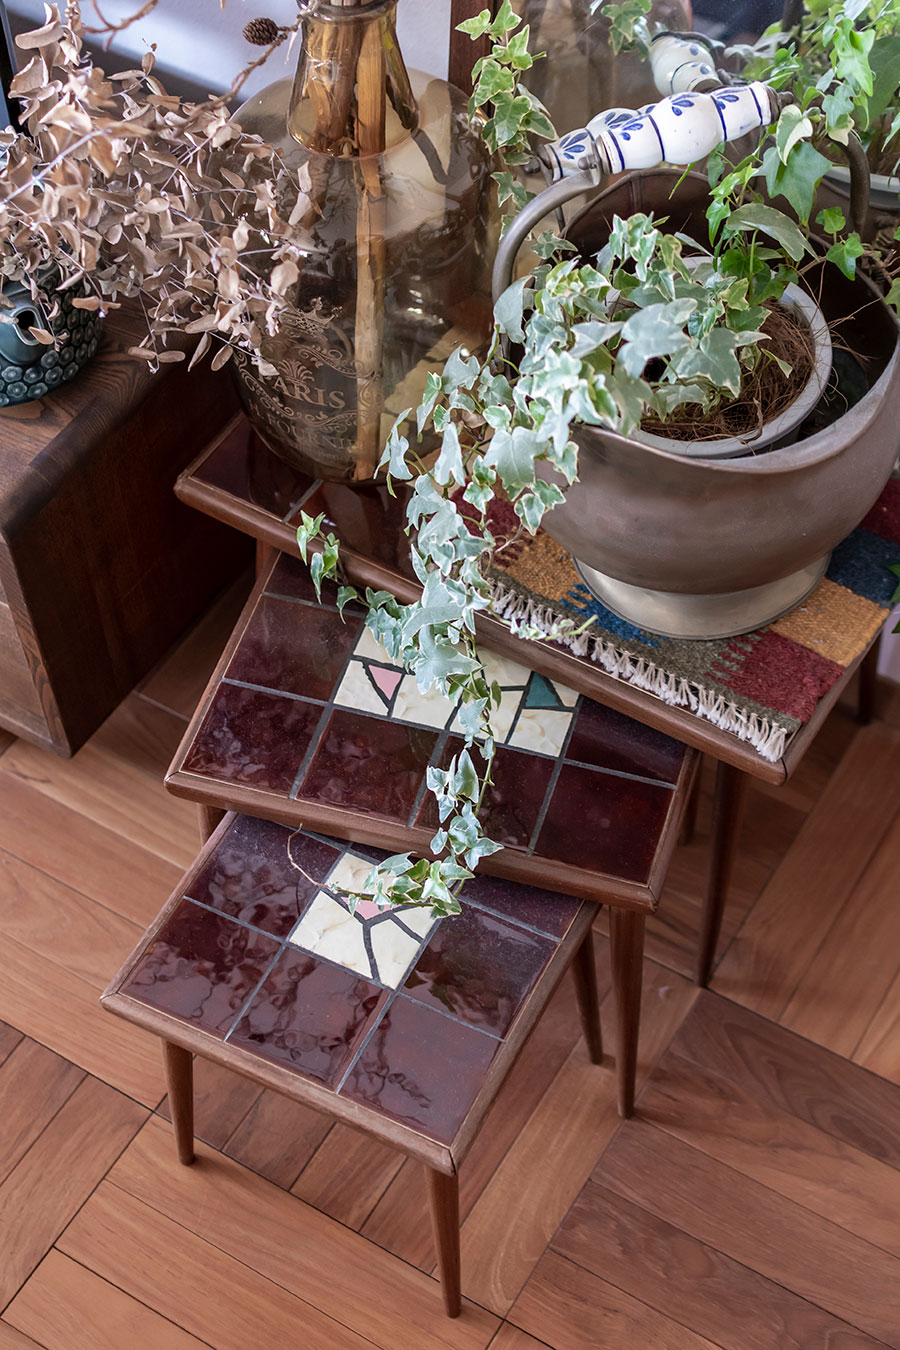 タイル装飾の施されたネストテーブル。